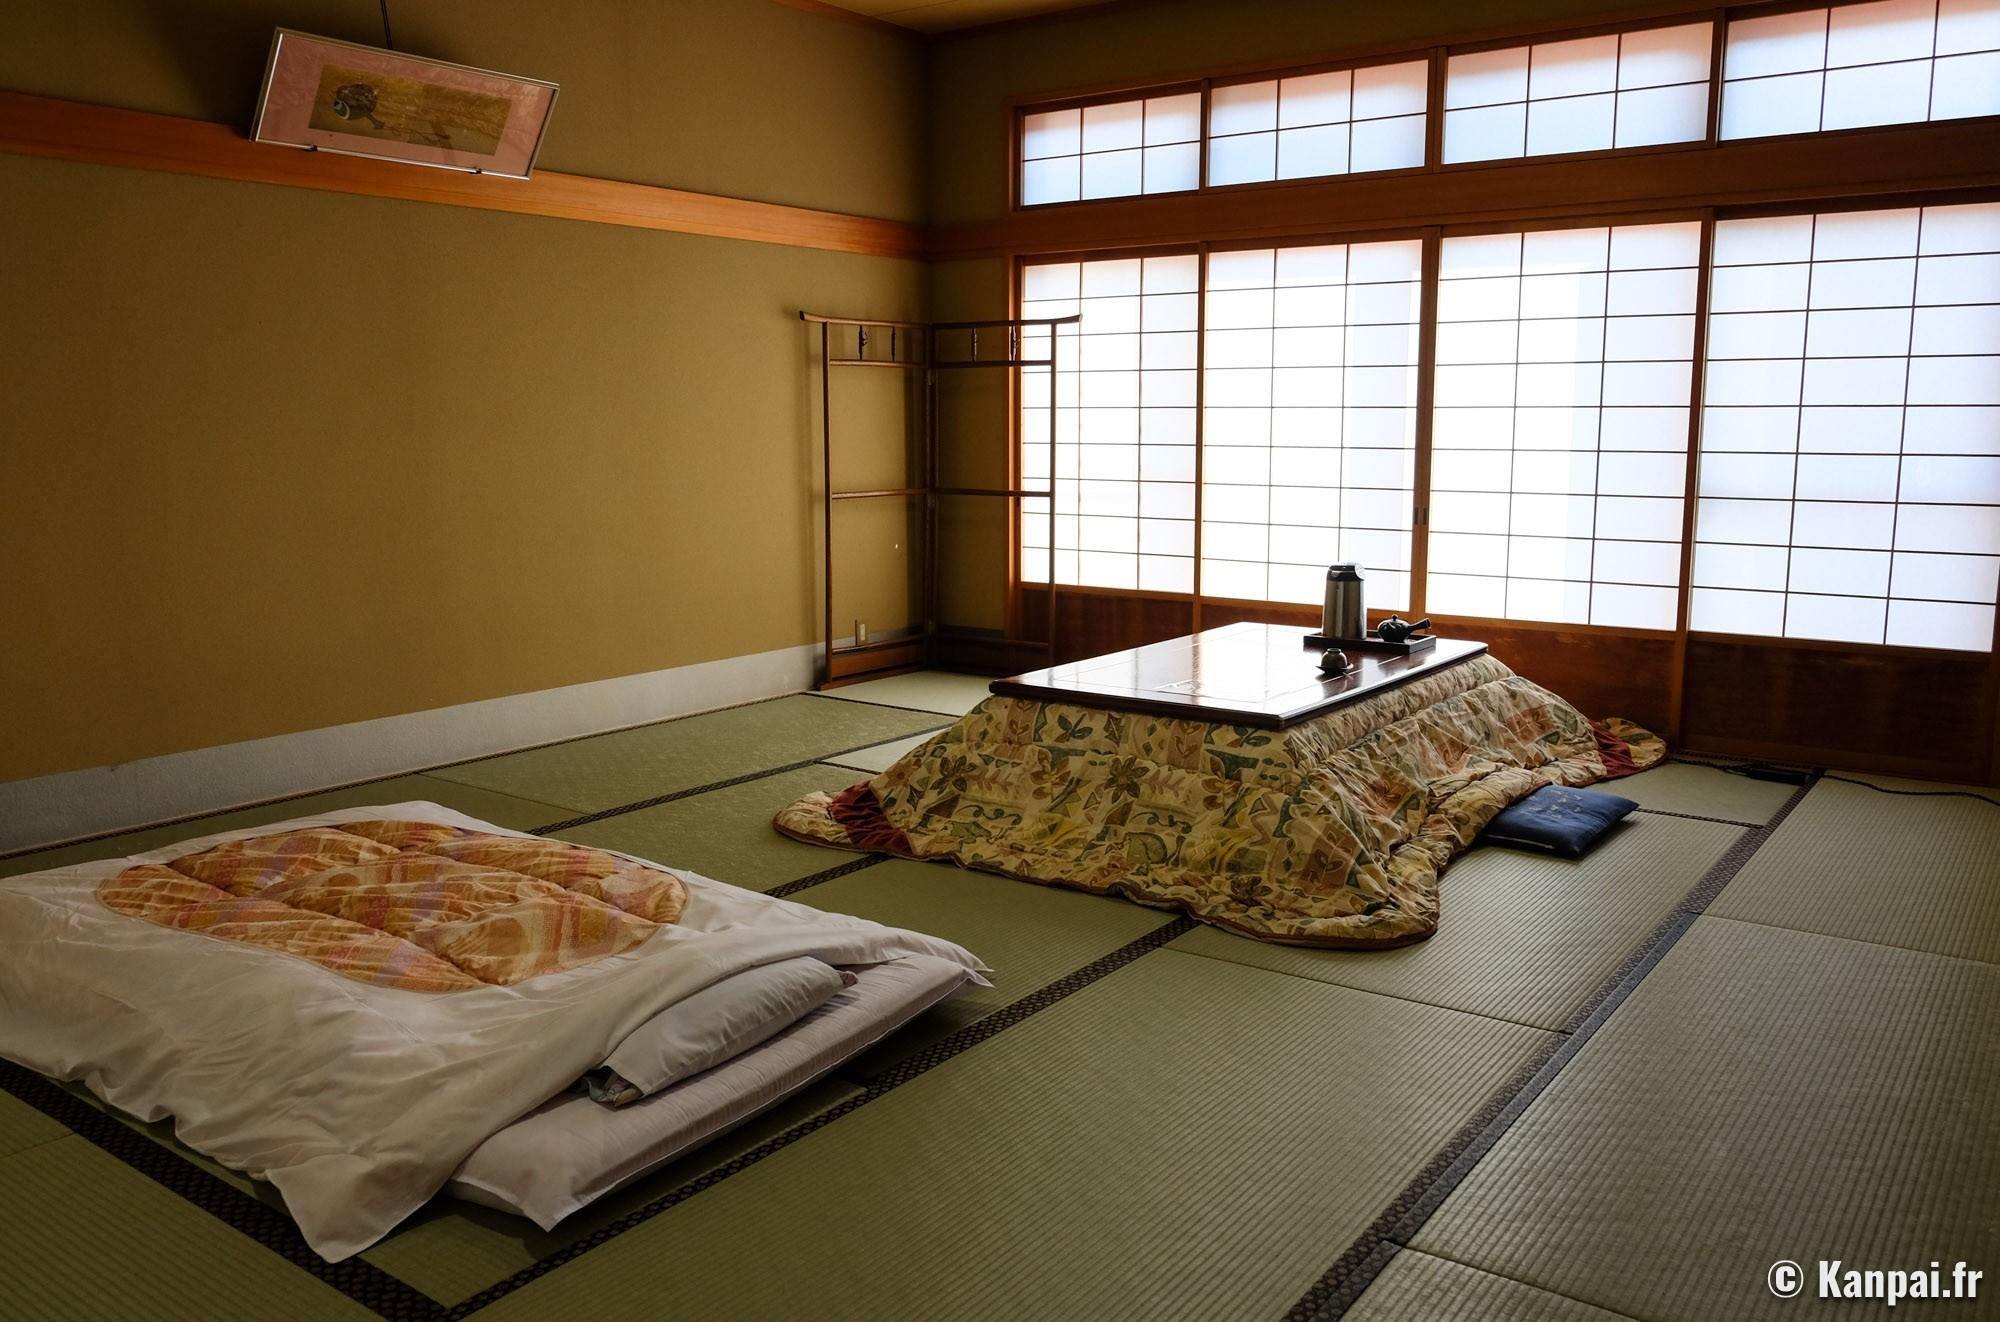 Interieur Maison Japonaise Traditionnelle hébergement au japon : guide complet et bons plans